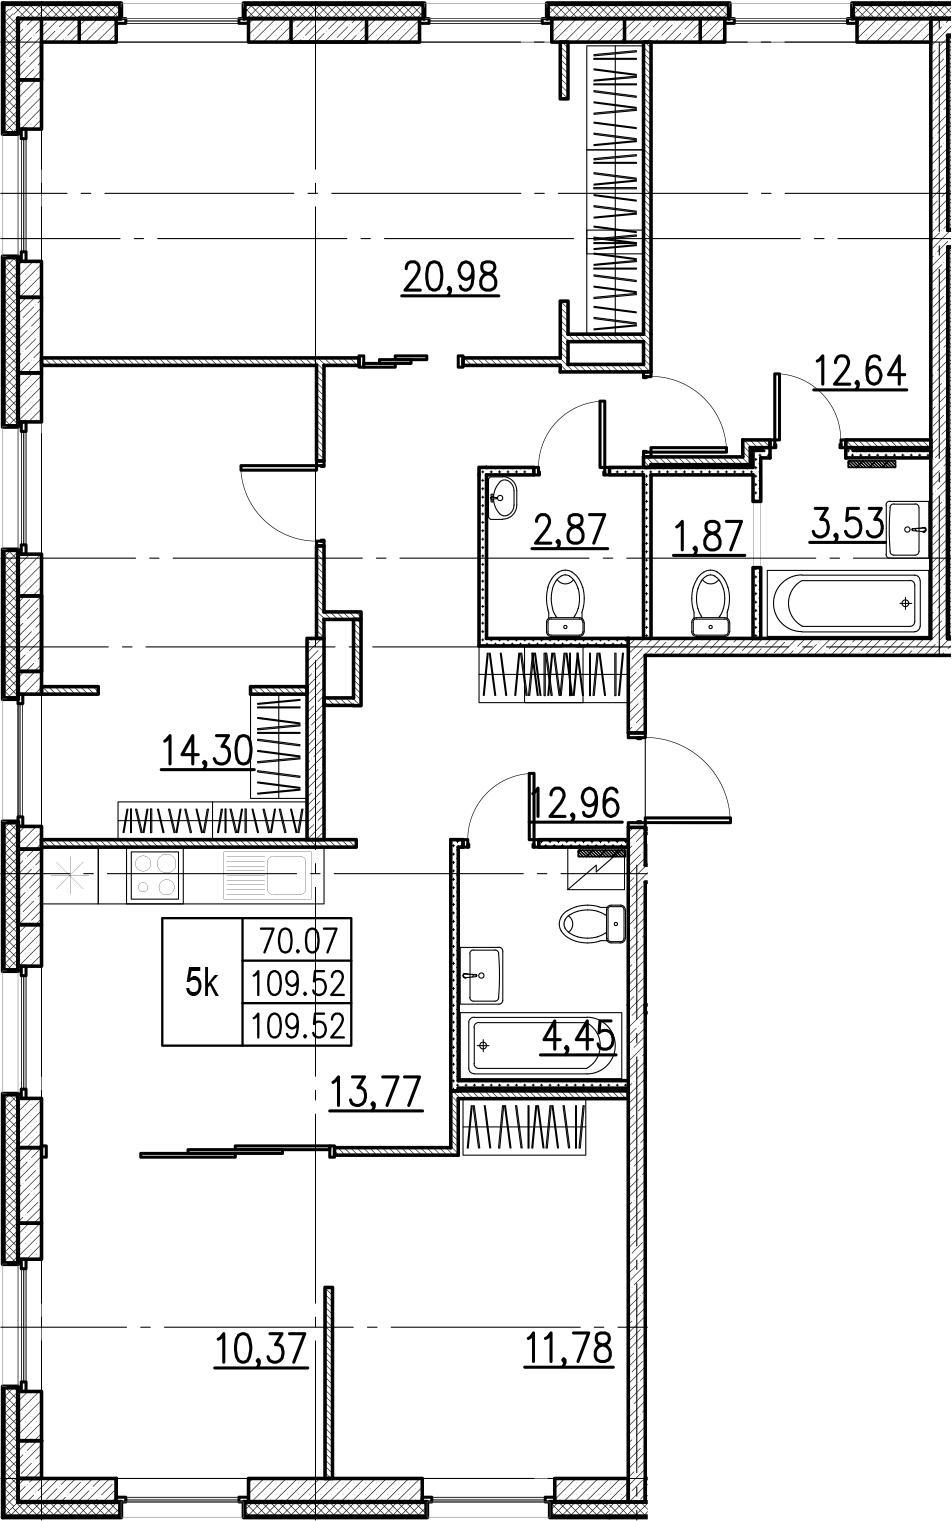 5-комнатная, 109.52 м²– 2